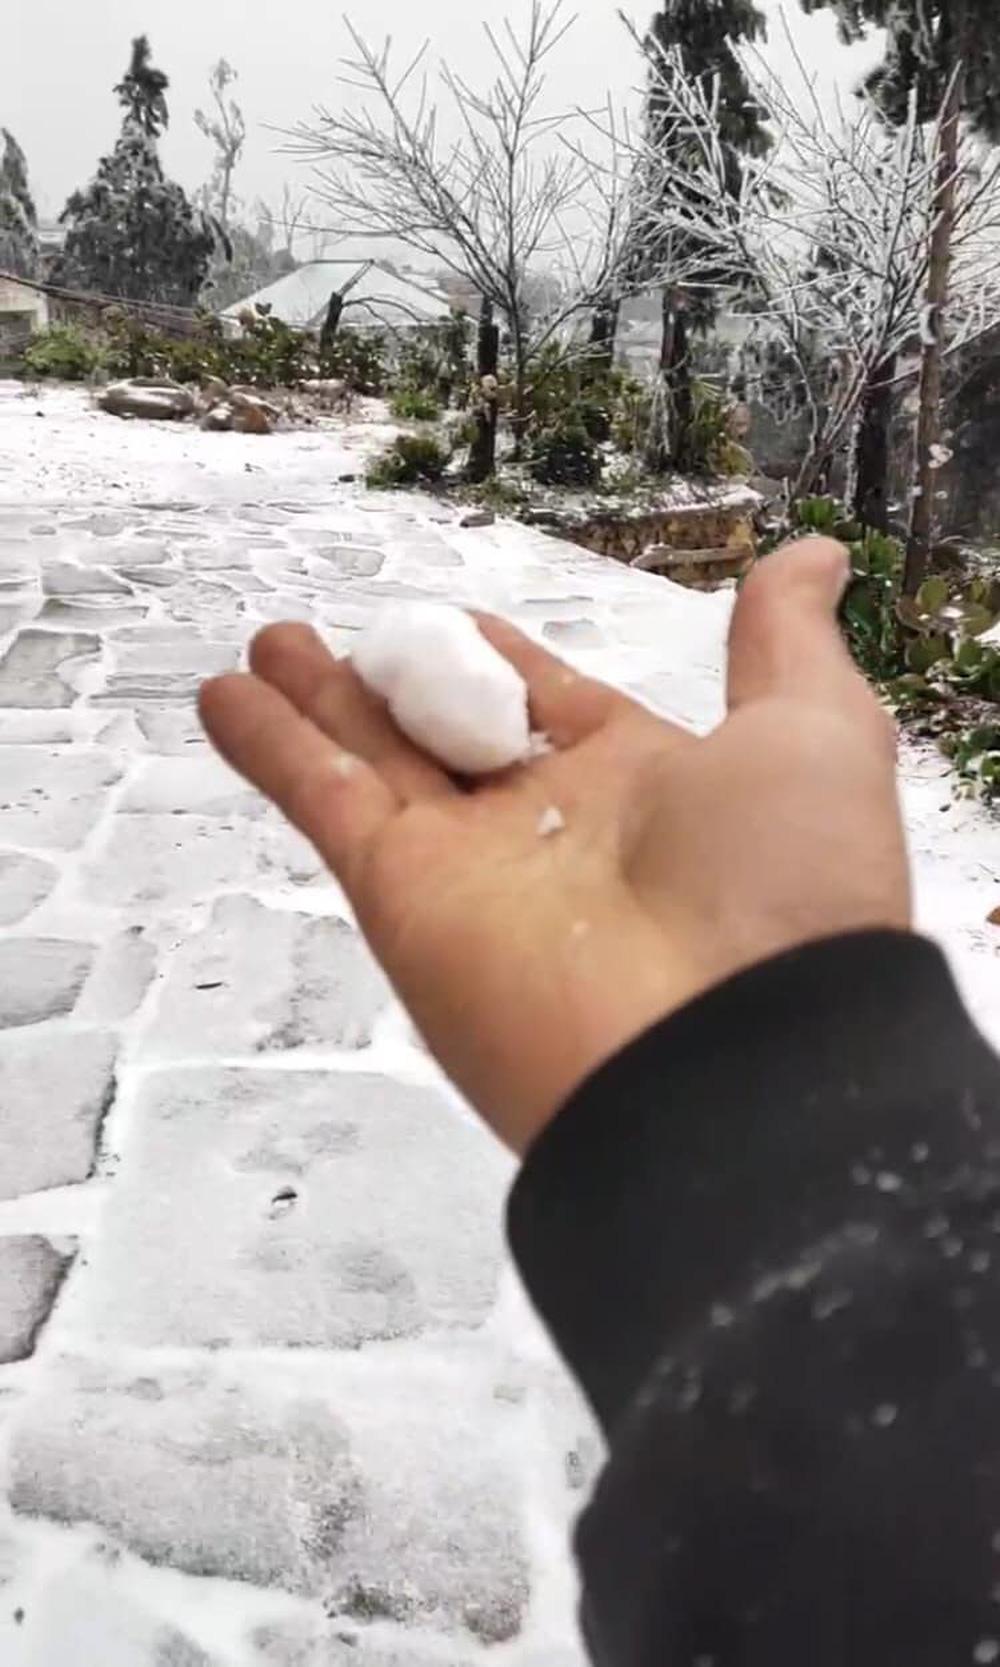 Y Tý tuyết rơi trắng xoá: Ảnh và clip liên tục được chia sẻ lên mạng xã hội - Ảnh 3.